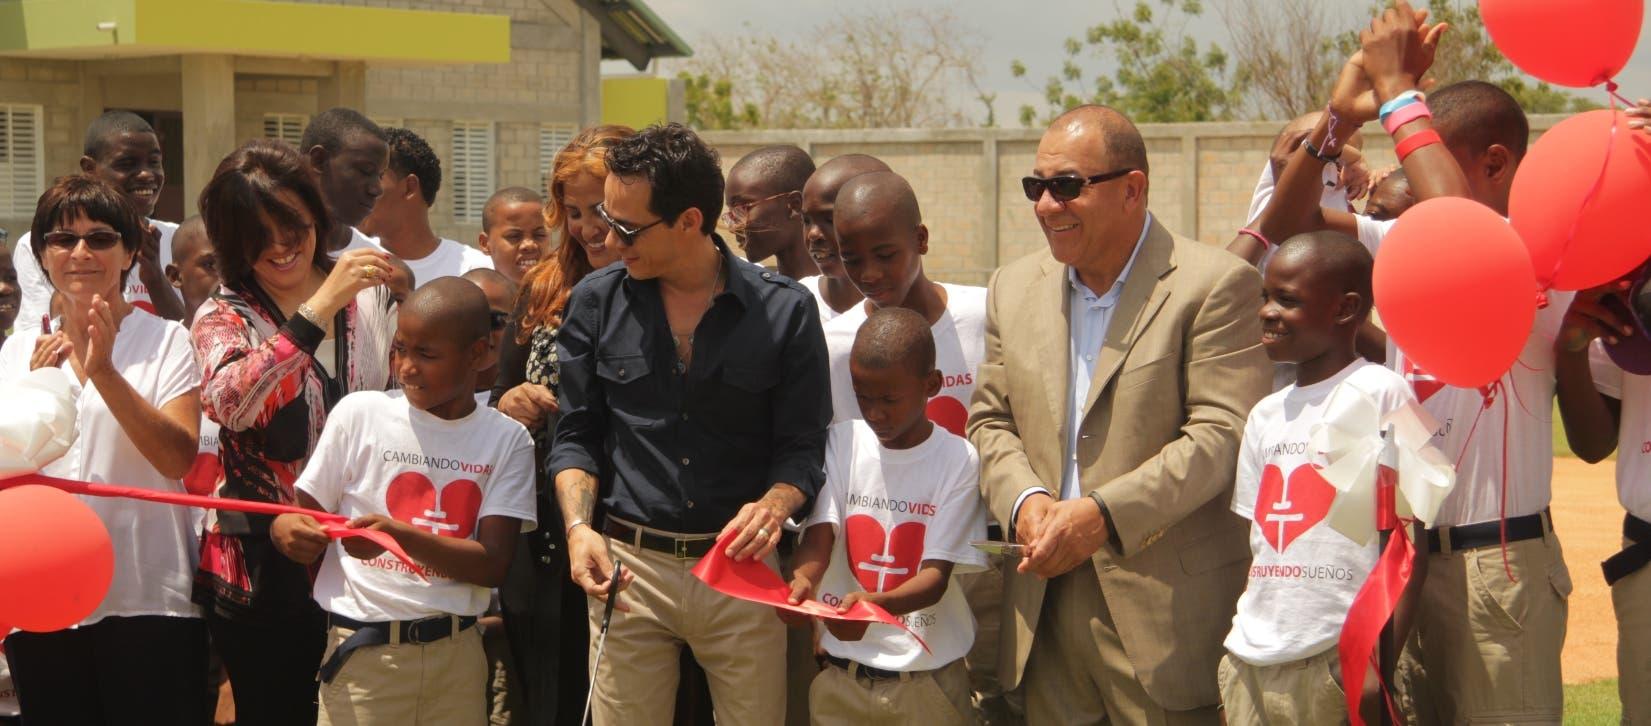 Marc Anthony arropado por emociones abre la puerta de orfanato